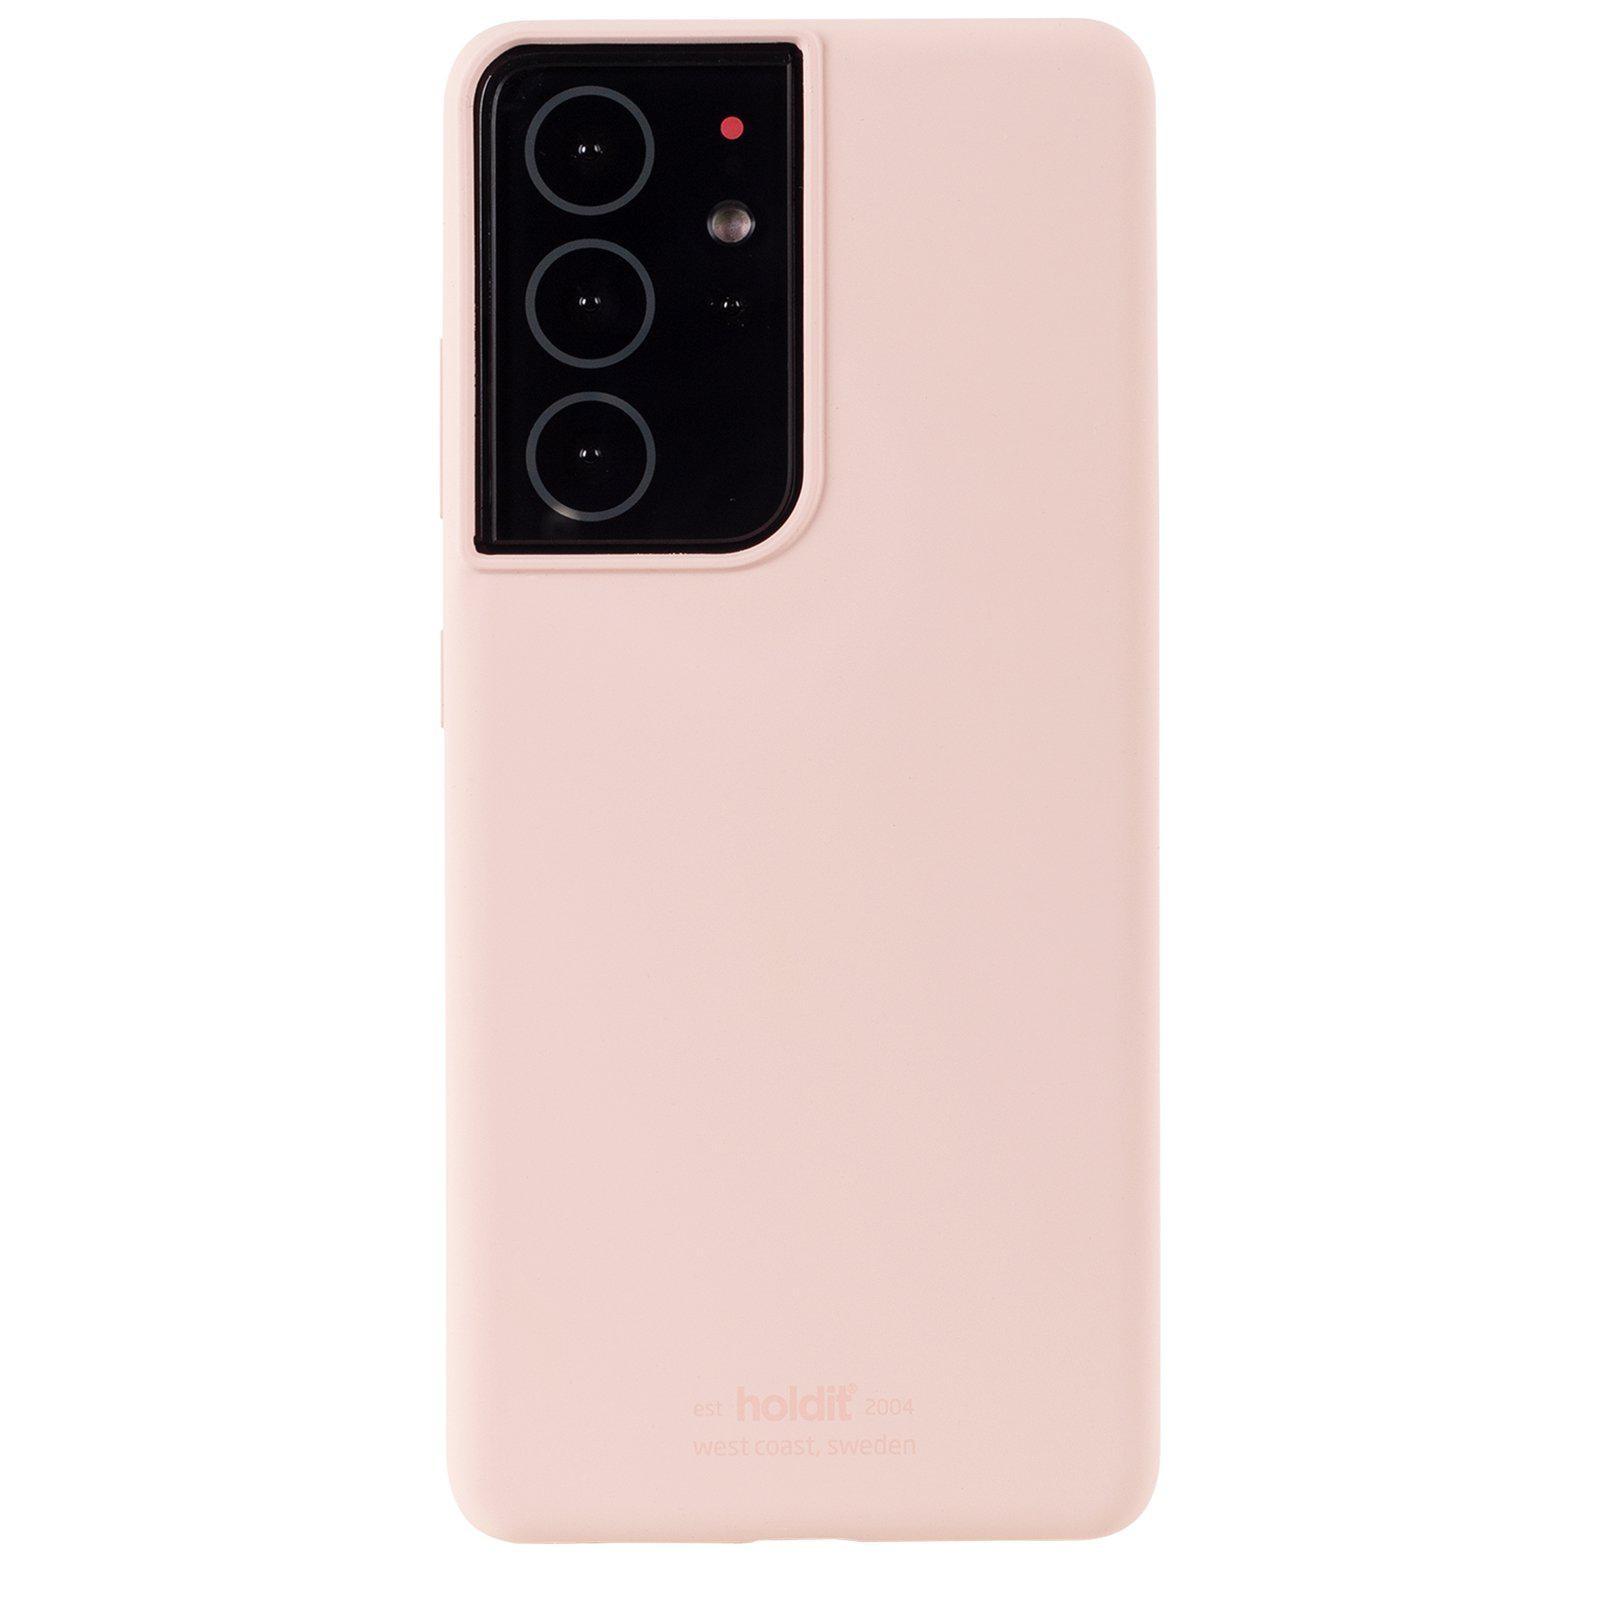 Silikonikuori Galaxy S21 Ultra Blush Pink